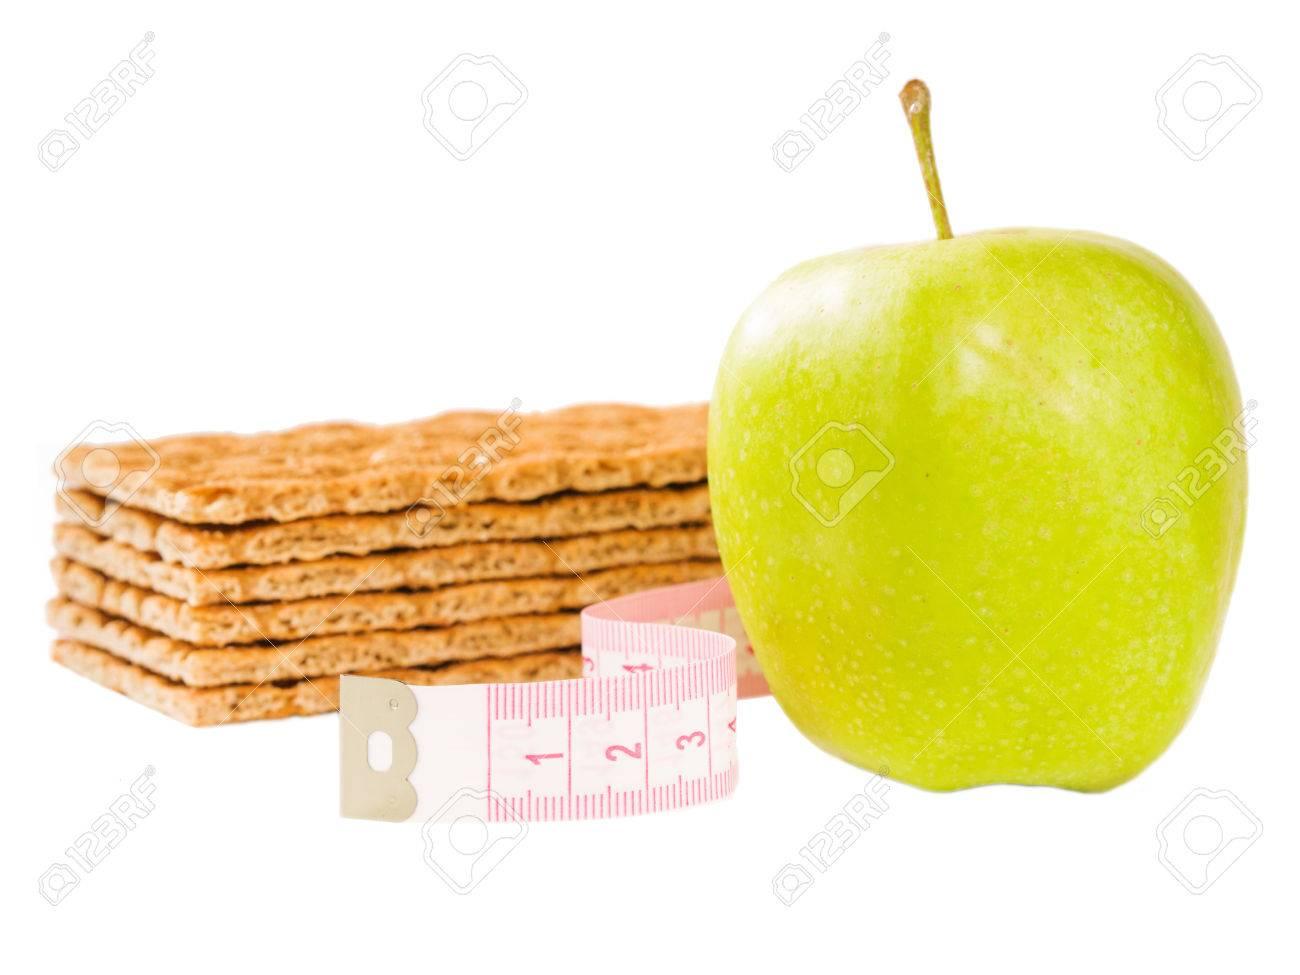 Massband Knackebrot Und Kostlichen Grunen Apfel Isoliert Auf Weiss